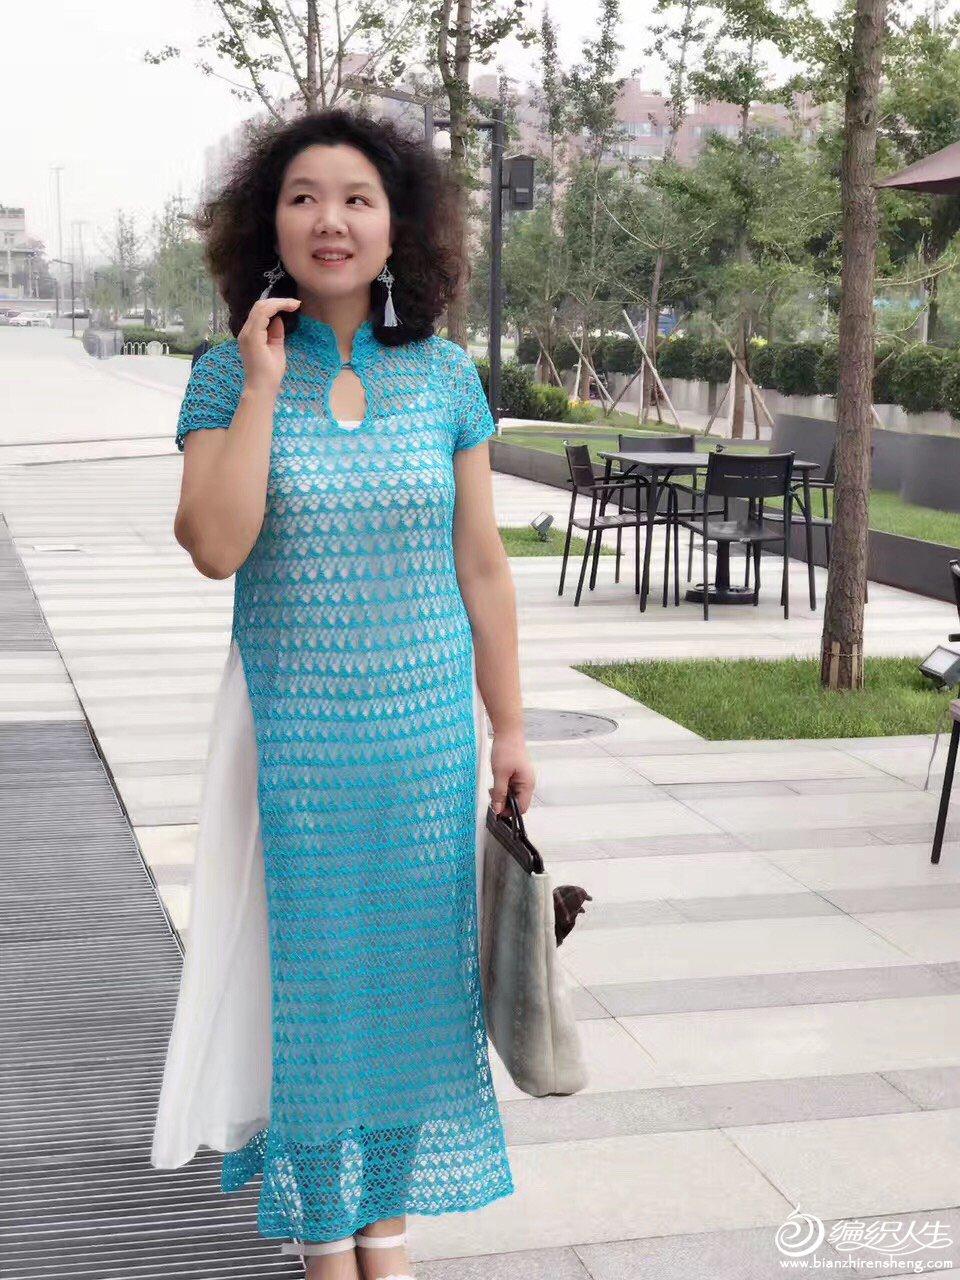 奥黛旗袍装 - 壹一 - 壹一编织博客